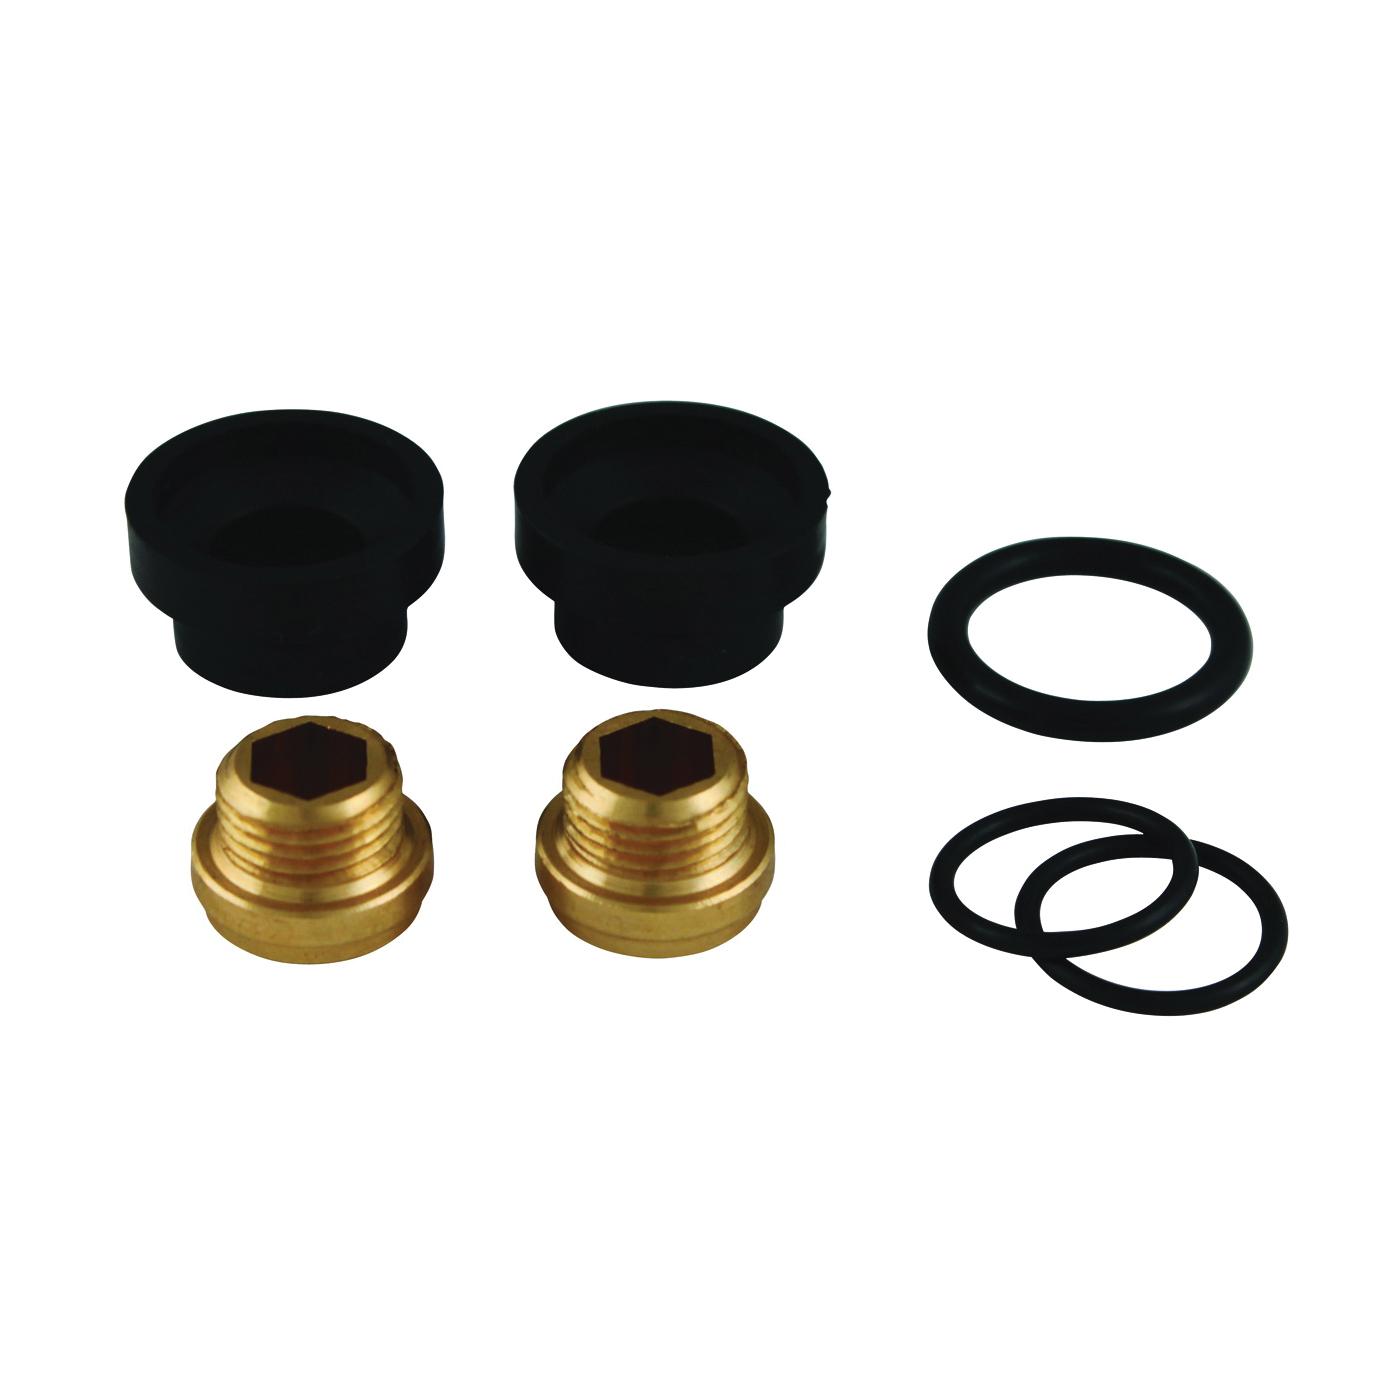 Picture of Plumb Pak PP802-5 Faucet Repair Kit, For: American Standard Aqua Seal Top Hat Washer